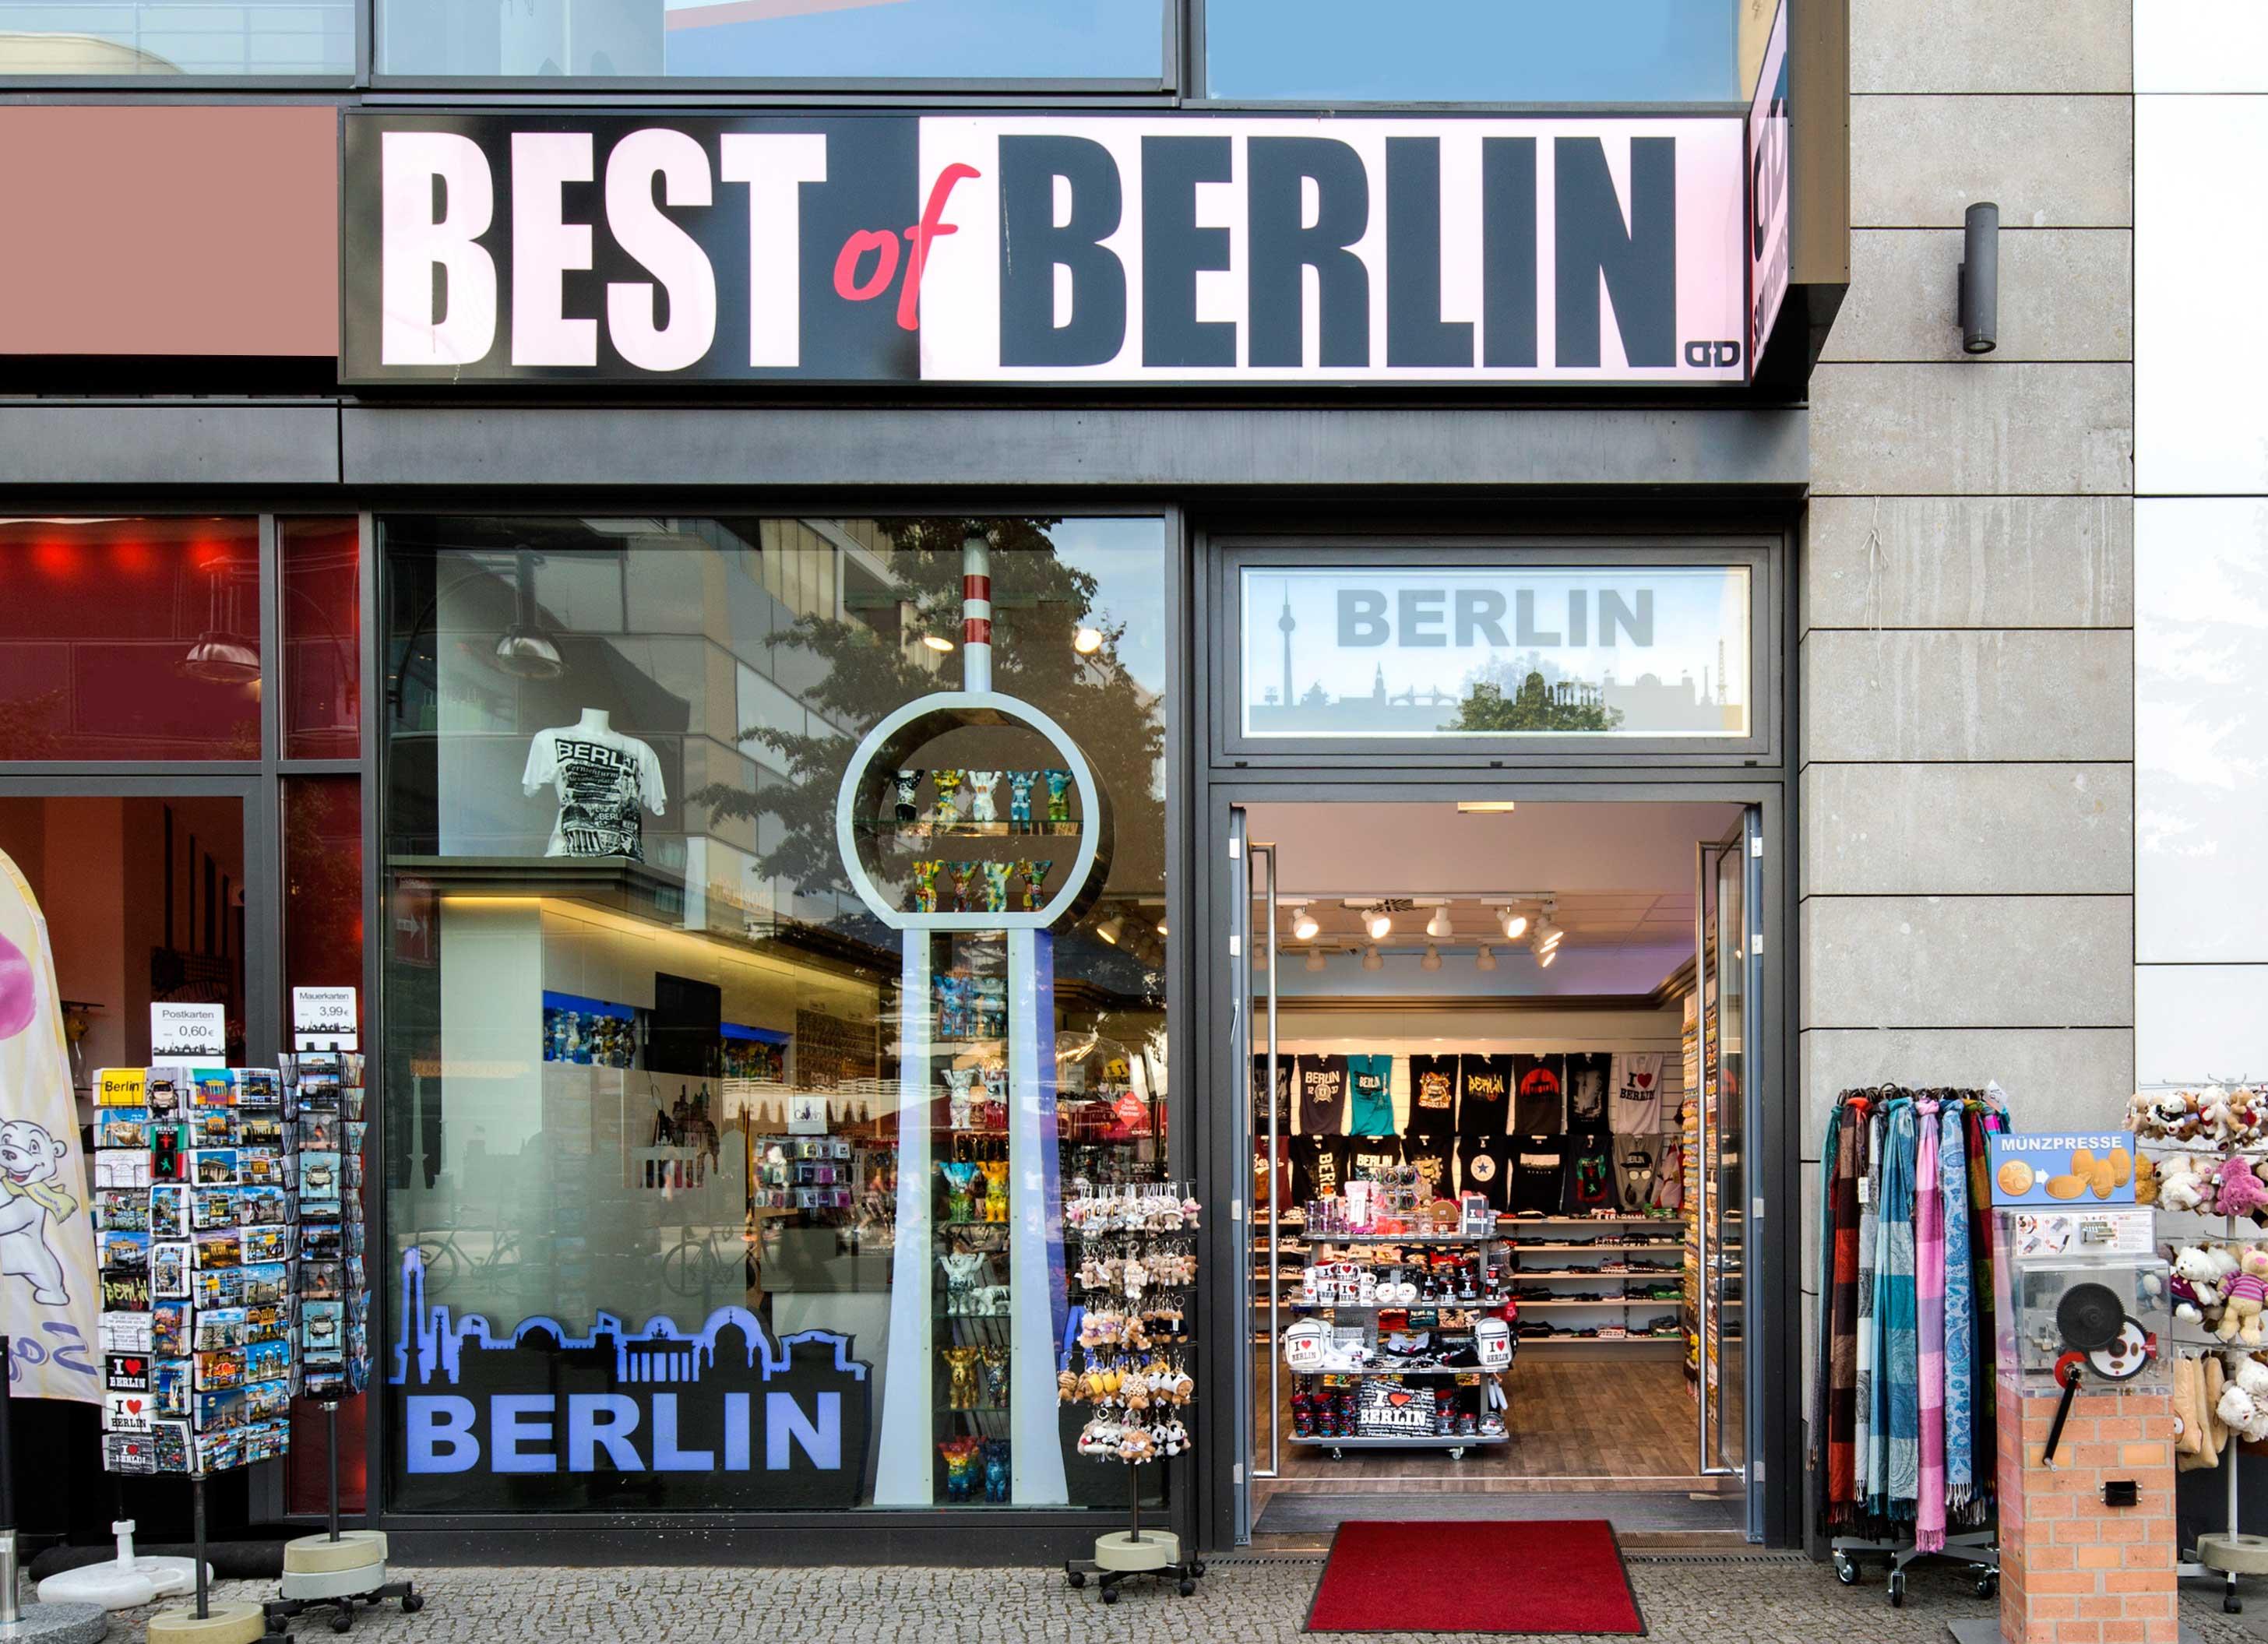 best of berlin souvenir shop souvenir gro und einzelhandel muddastadt berlin. Black Bedroom Furniture Sets. Home Design Ideas